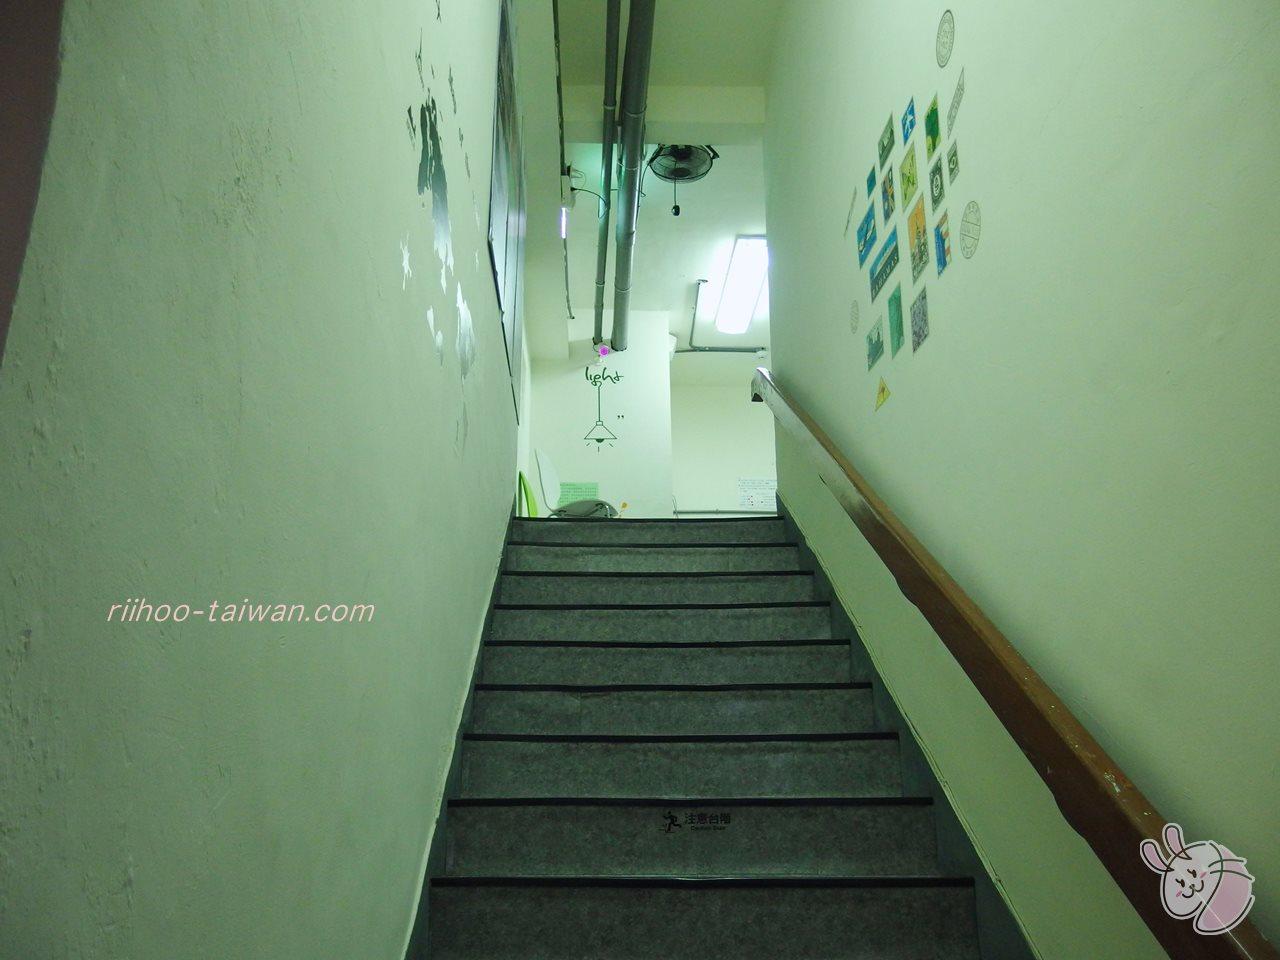 高雄FXイン富驛商旅 15階の朝食会場を左側に進んでいくと、奥に階段があるので そこを上ると、無料で利用できるランドリー室